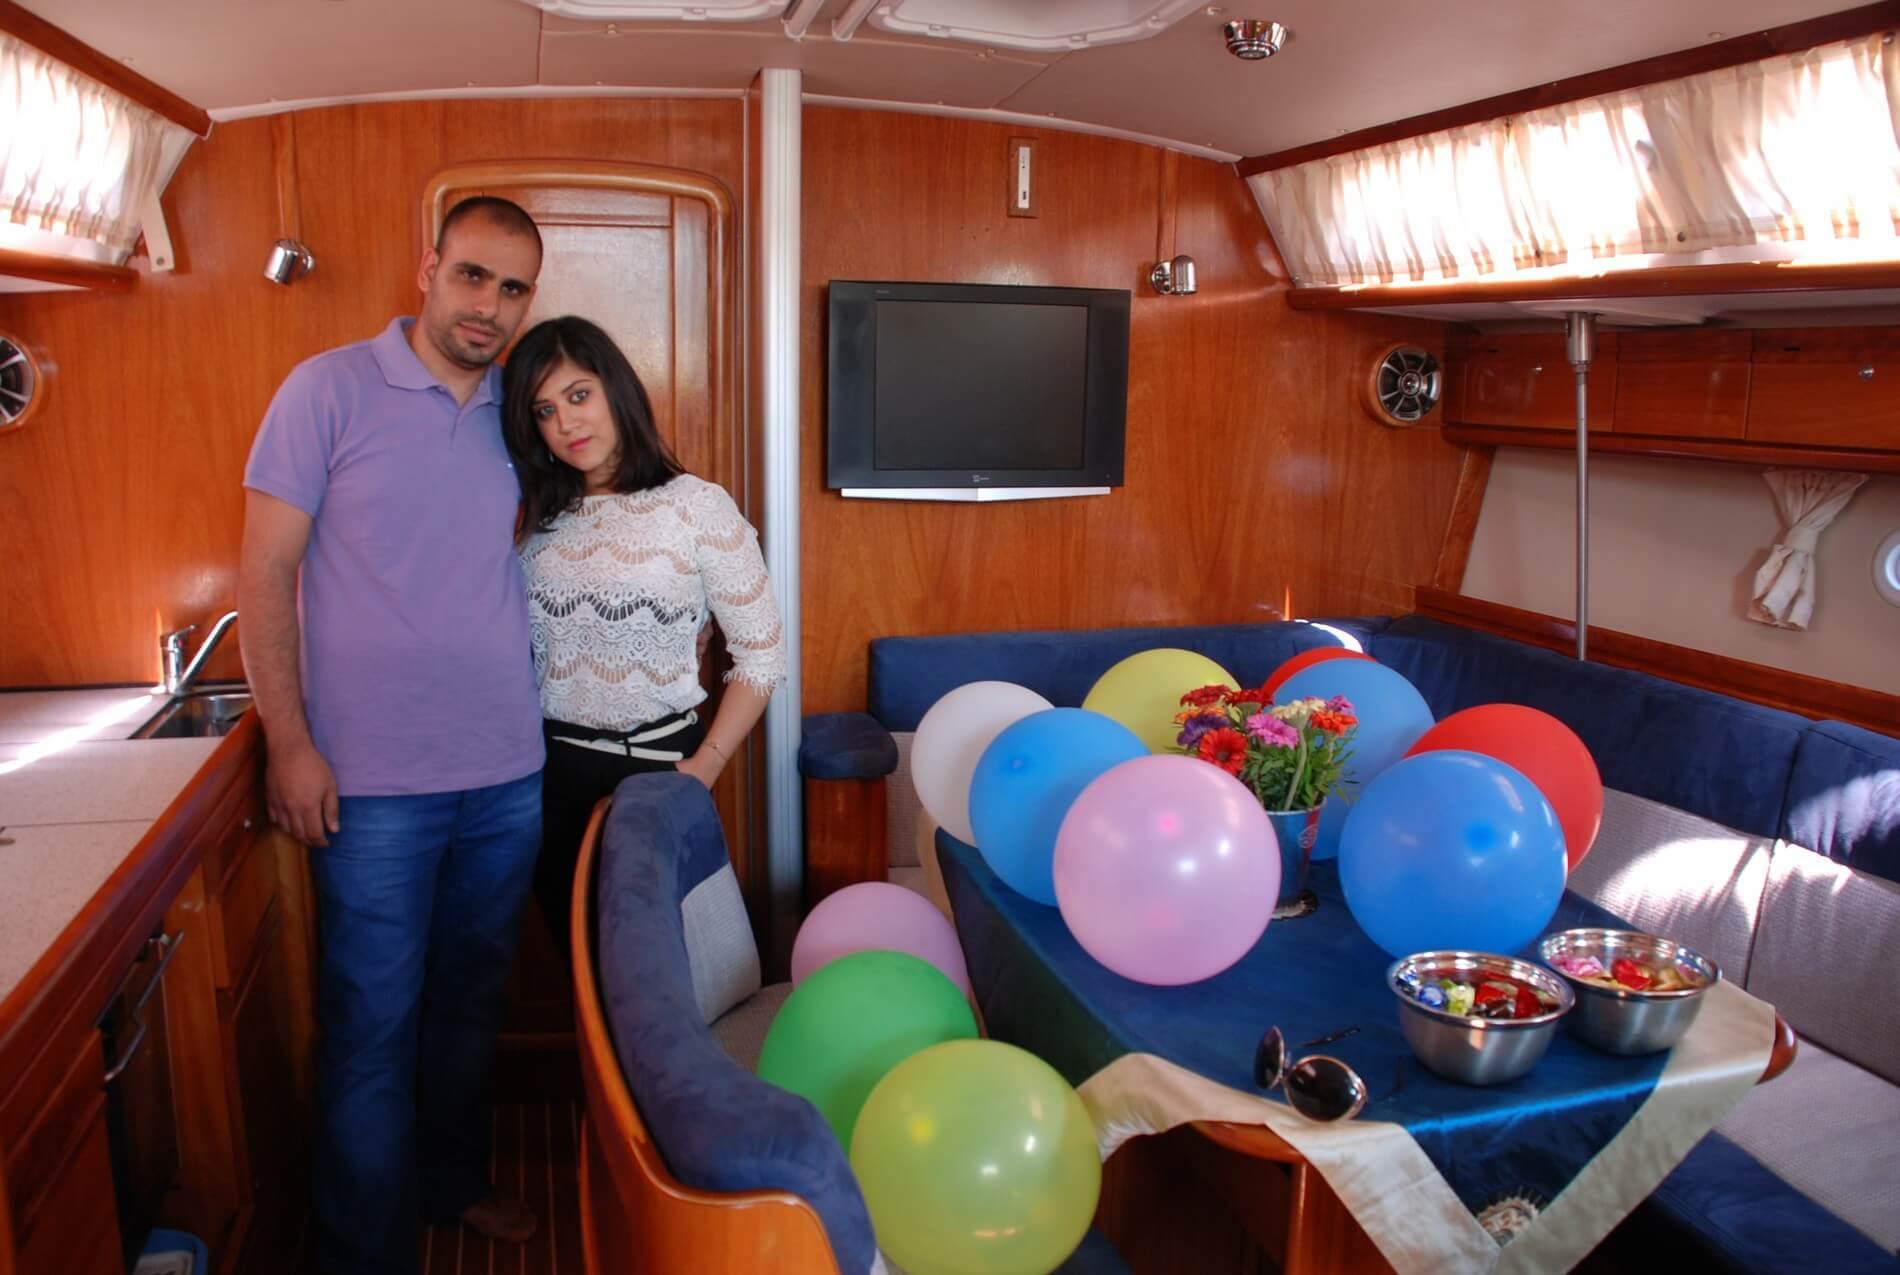 תמונות הפלגה ביאכטה,הפלגה רומנטית,רעיון למתנה יום הולדת